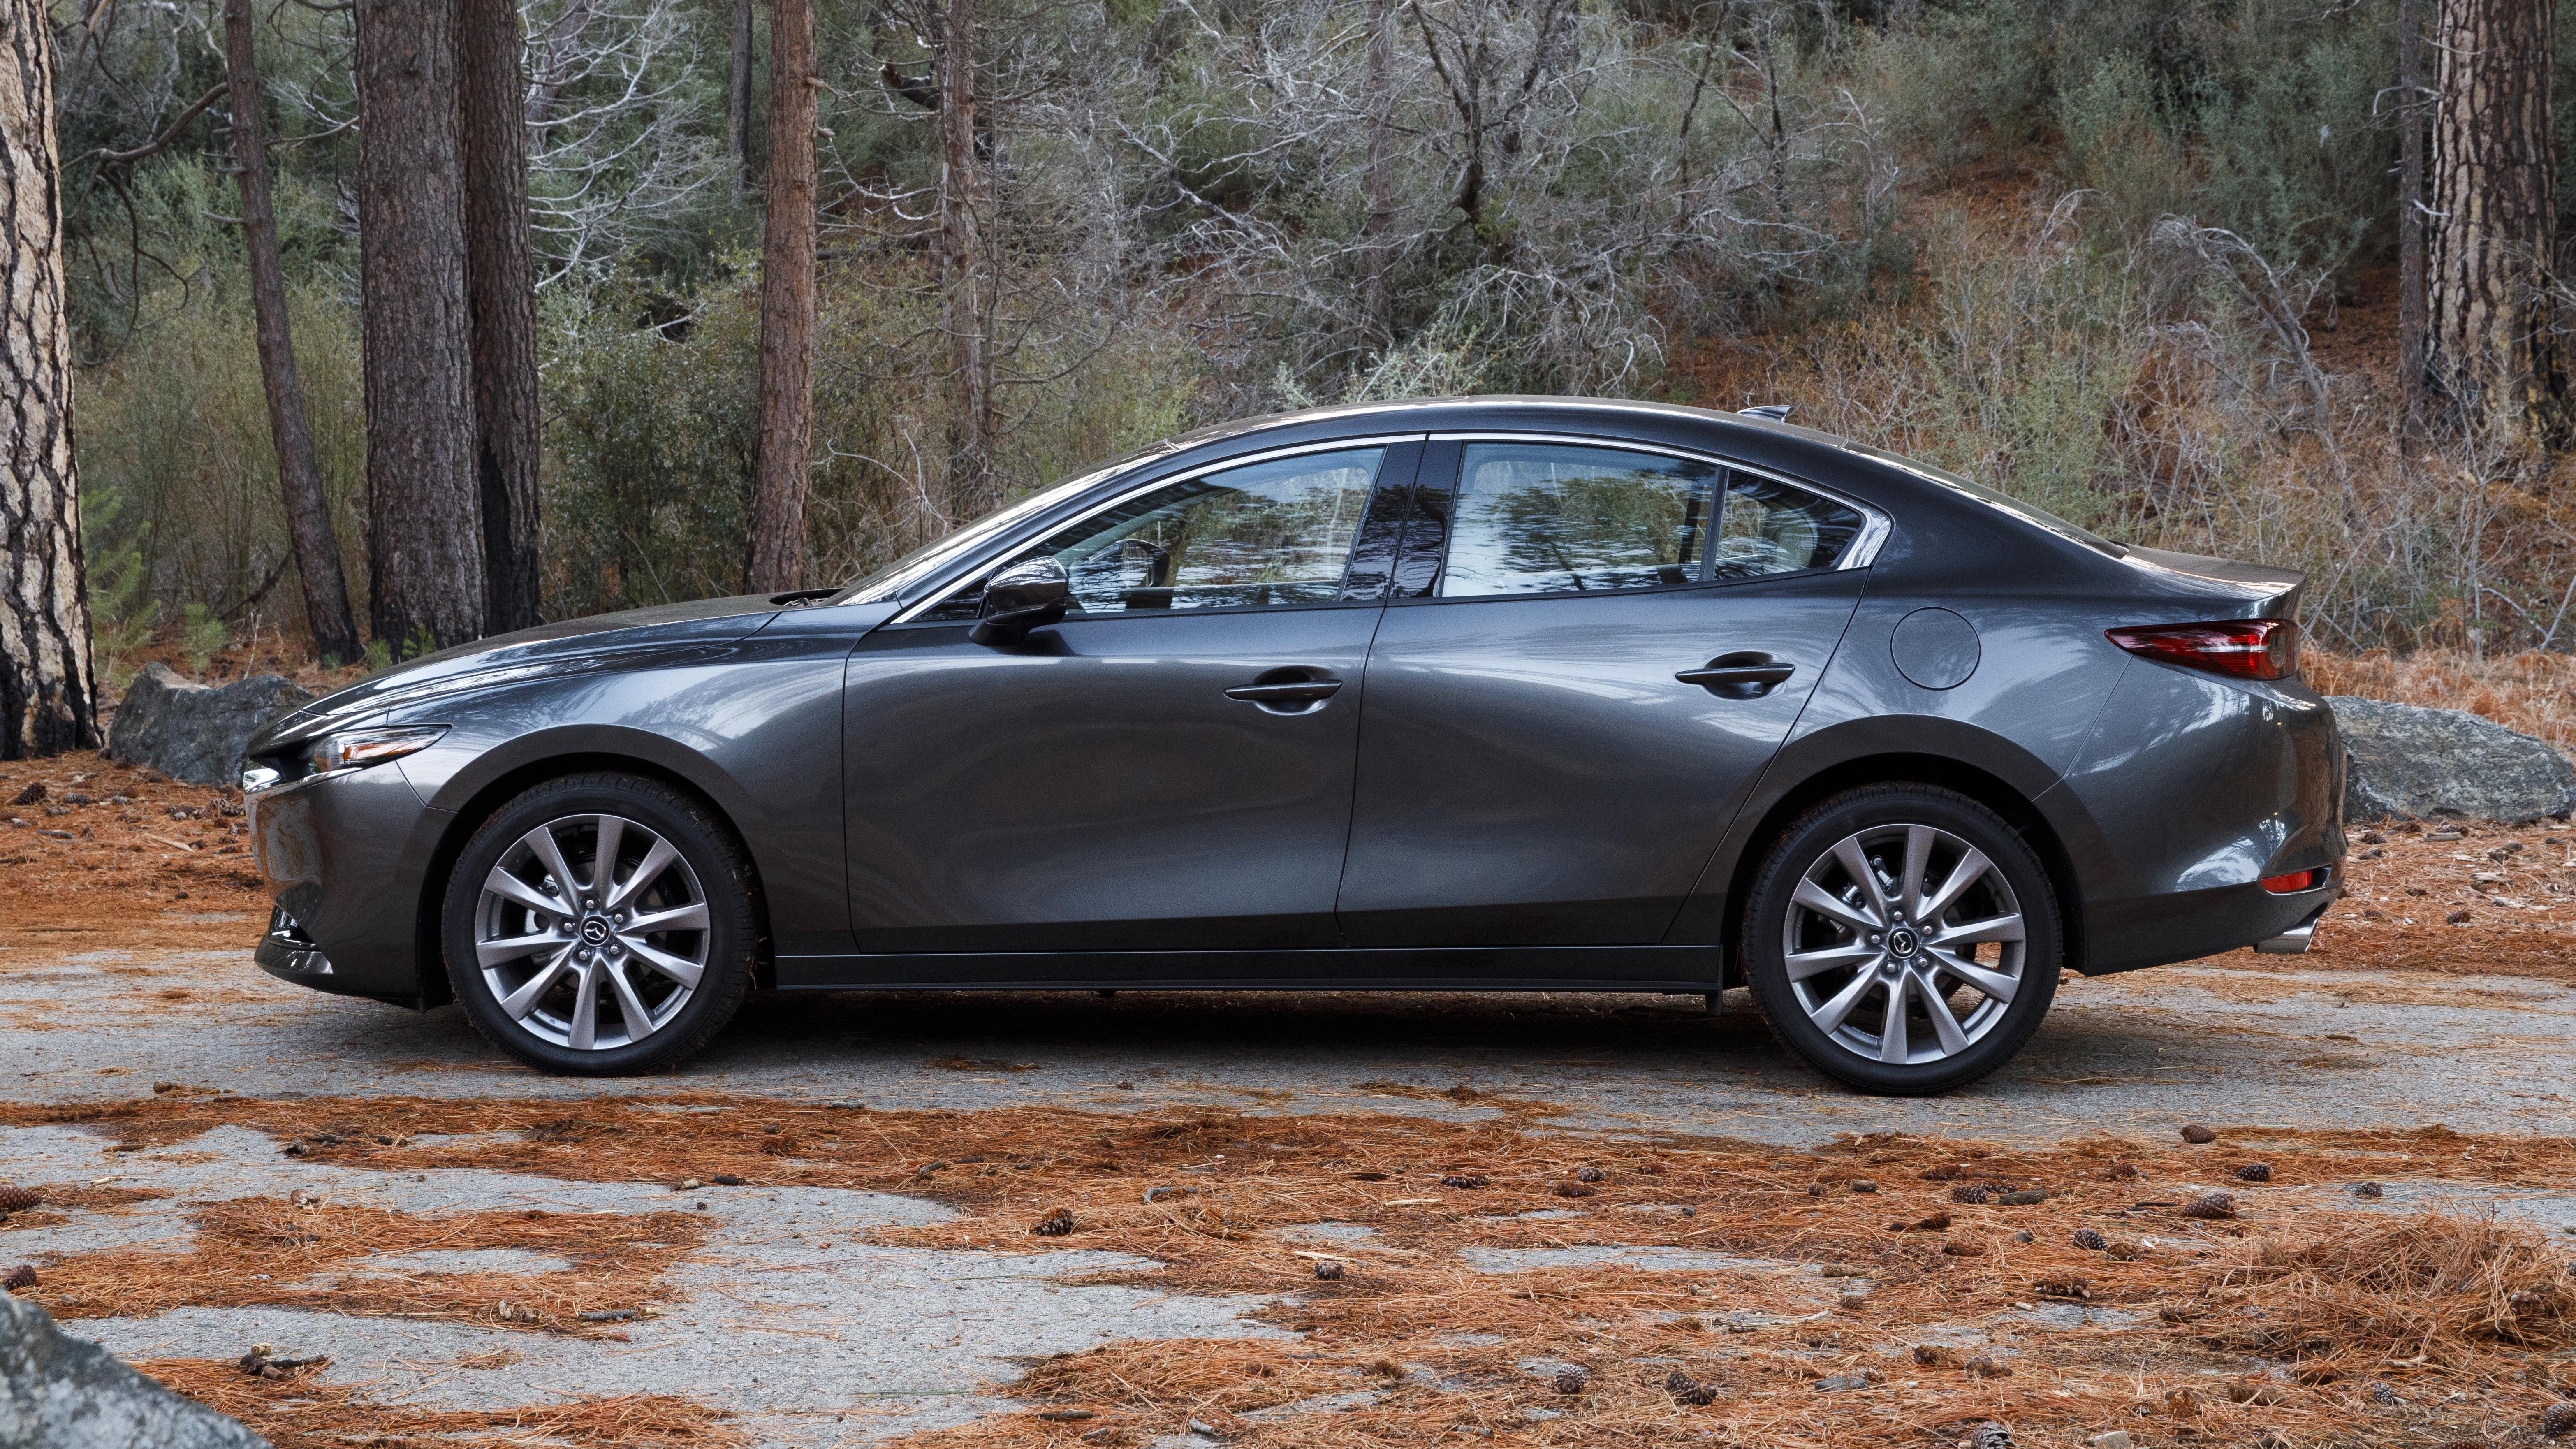 Kelebihan Kekurangan Mazda 3 2019 Sedan Top Model Tahun Ini